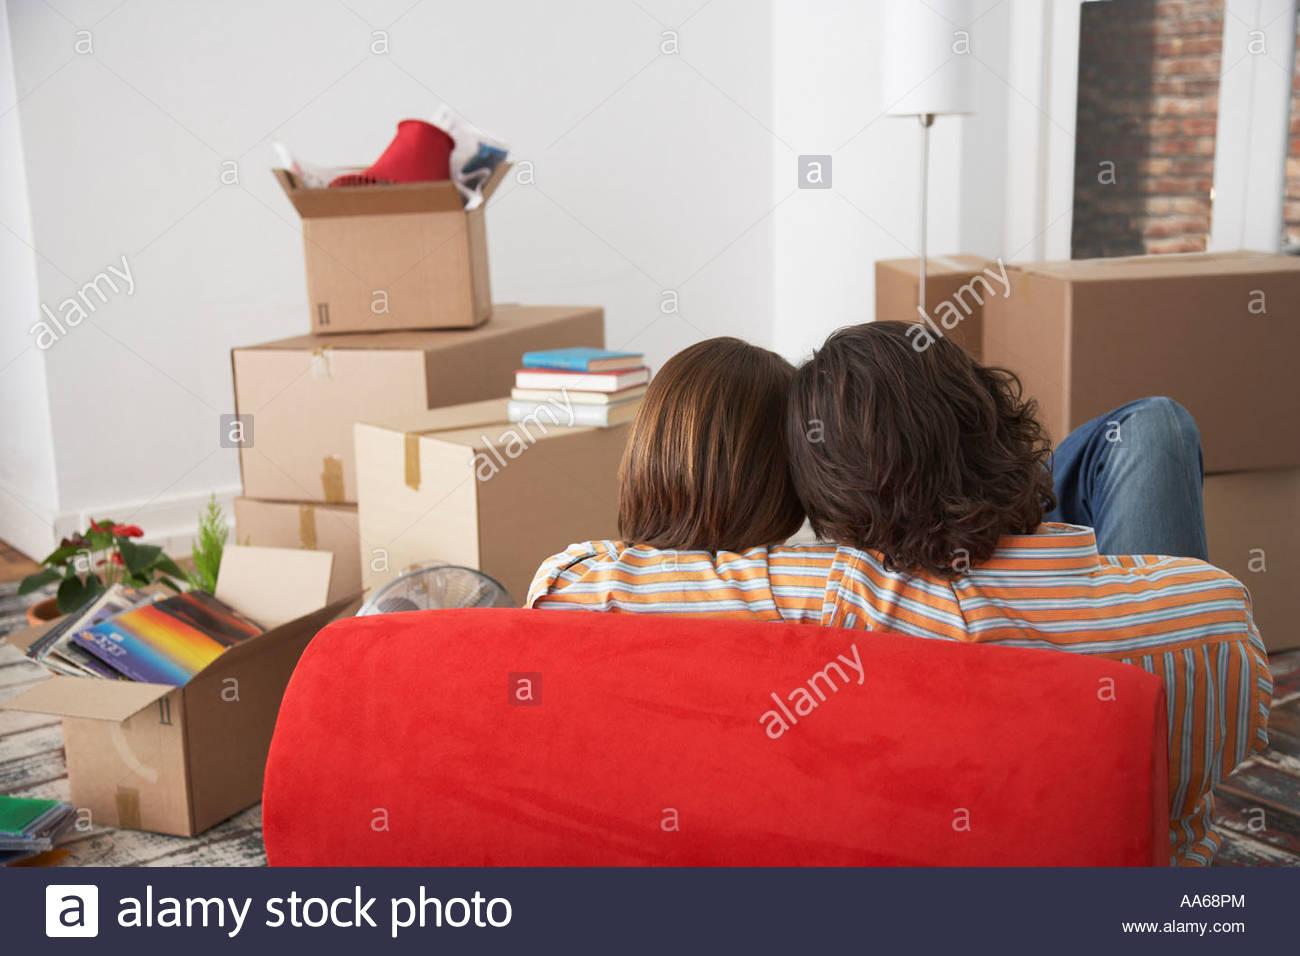 Vista posteriore del giovane sulla sedia rossa in casa con scatole di cartone Immagini Stock